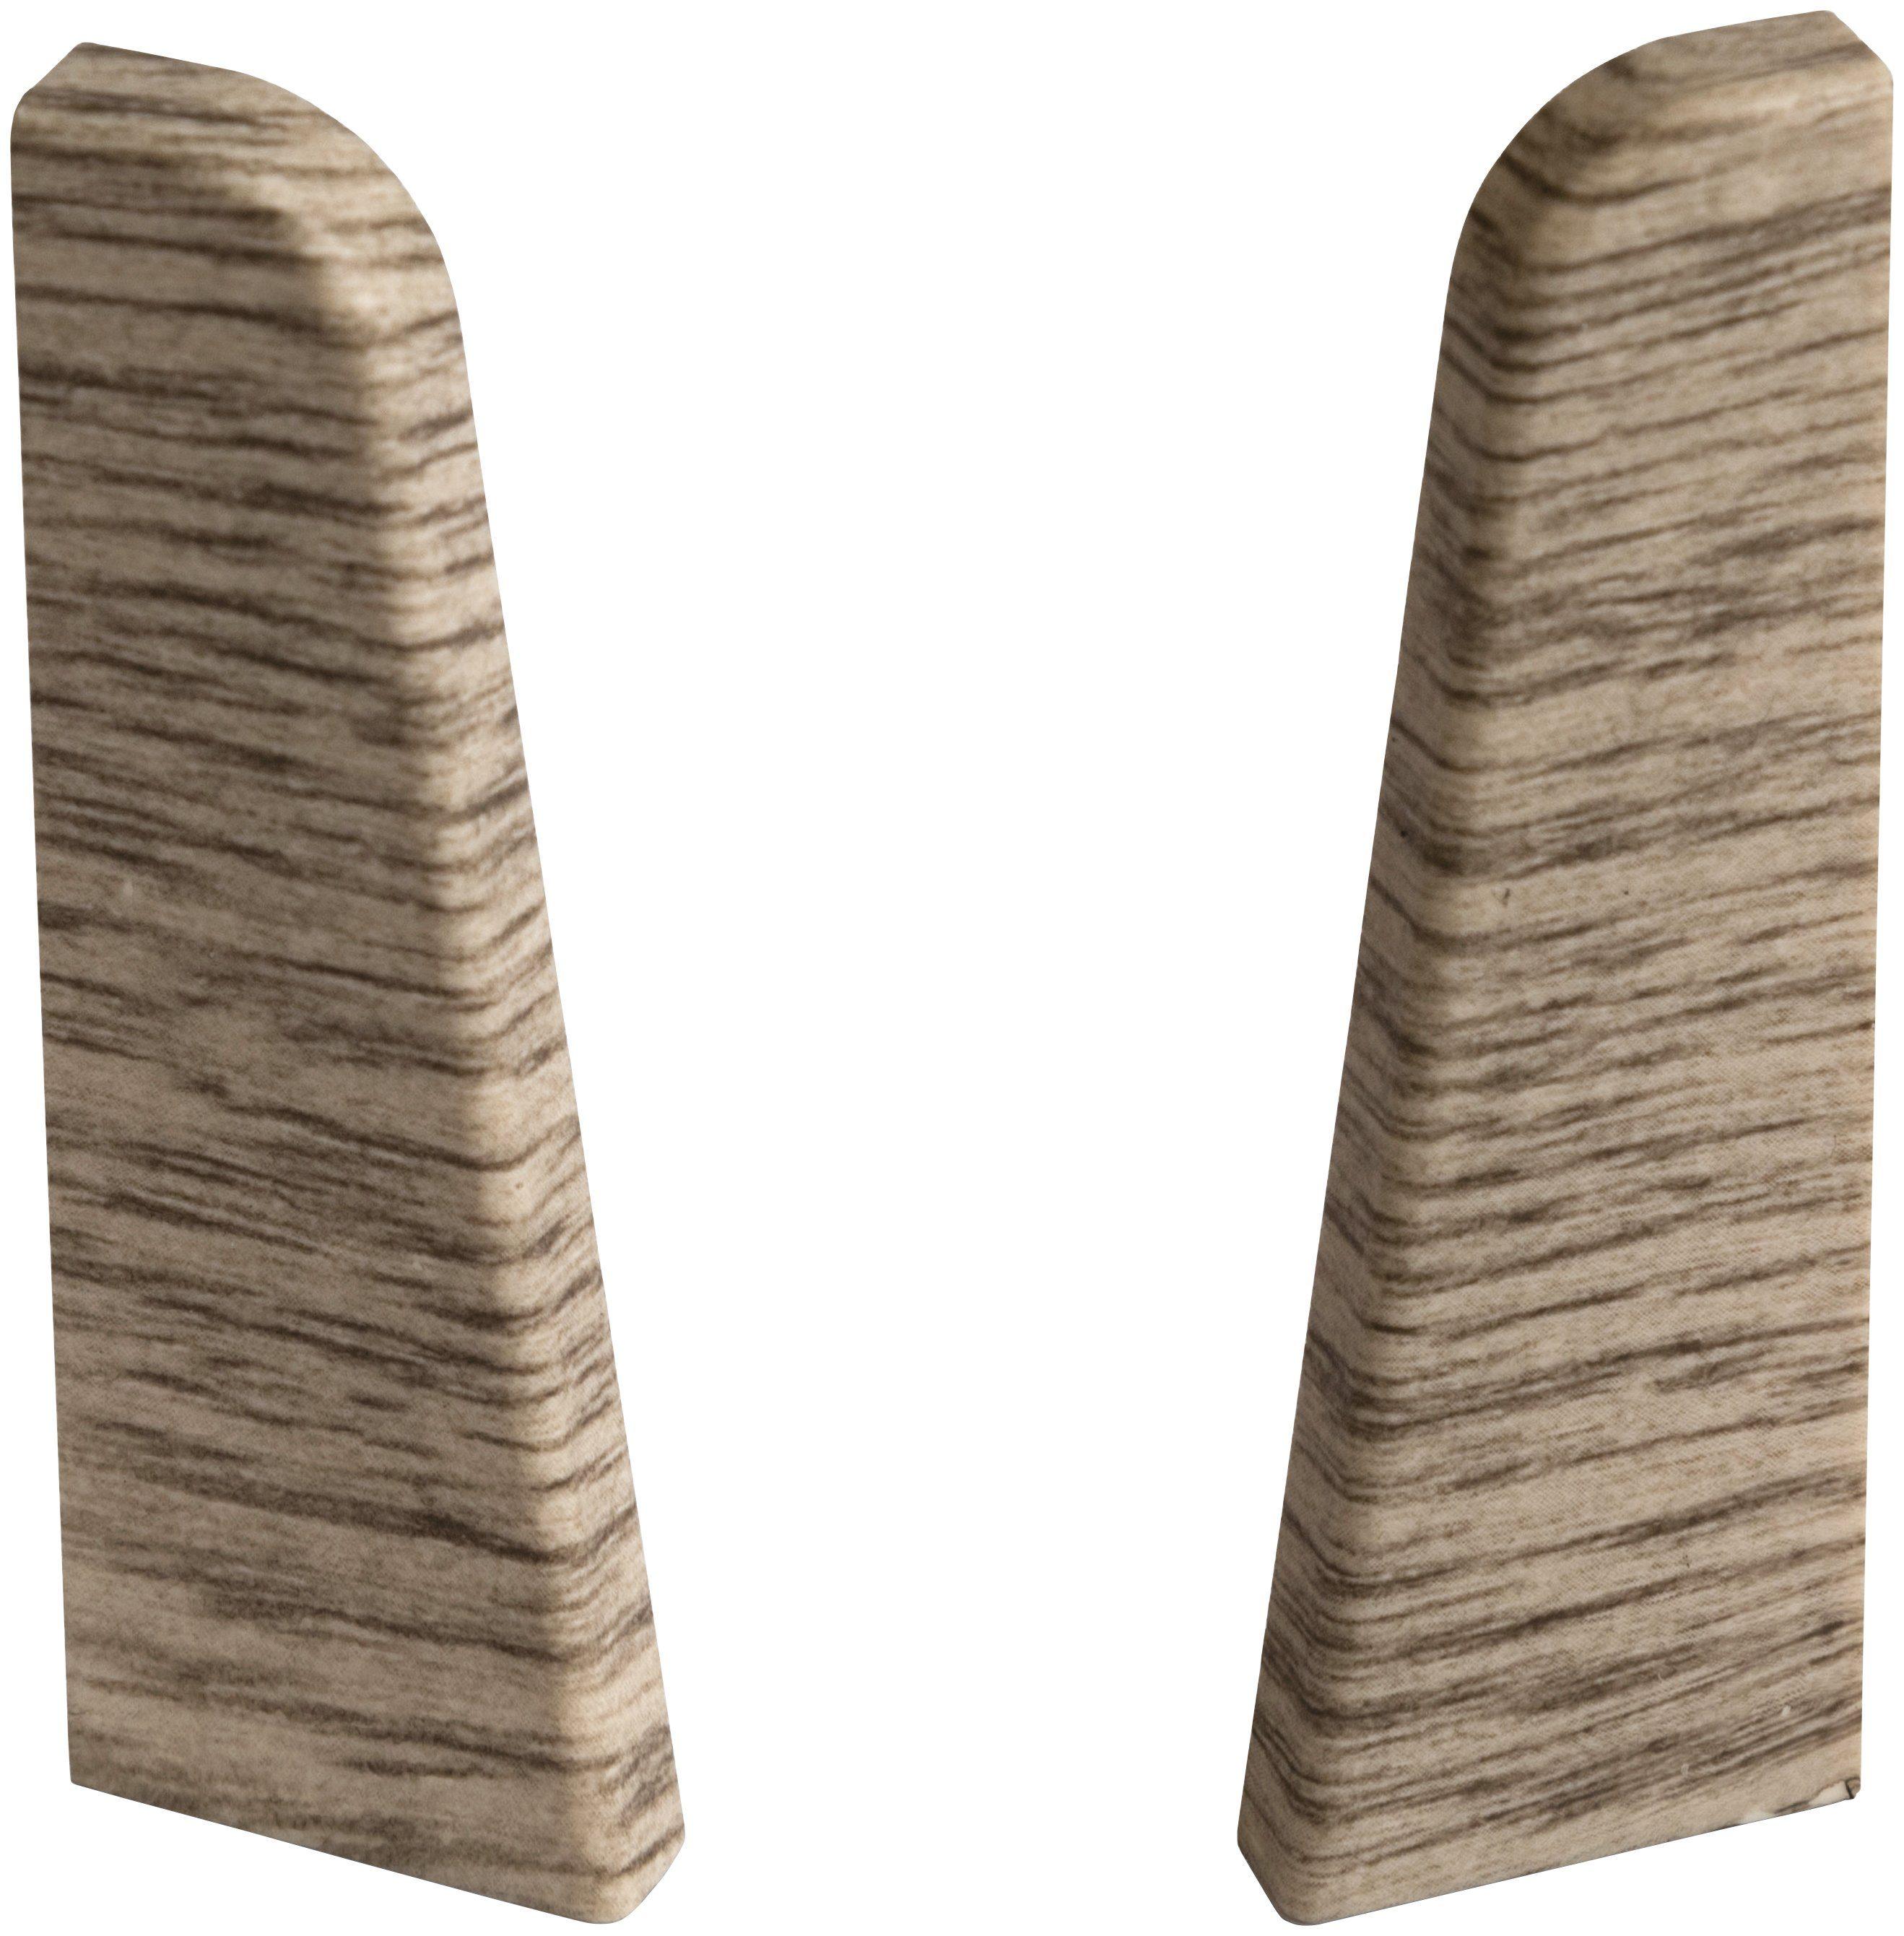 EGGER Endstücke »Eiche graubraun«, für 6cm EGGER Sockelleiste